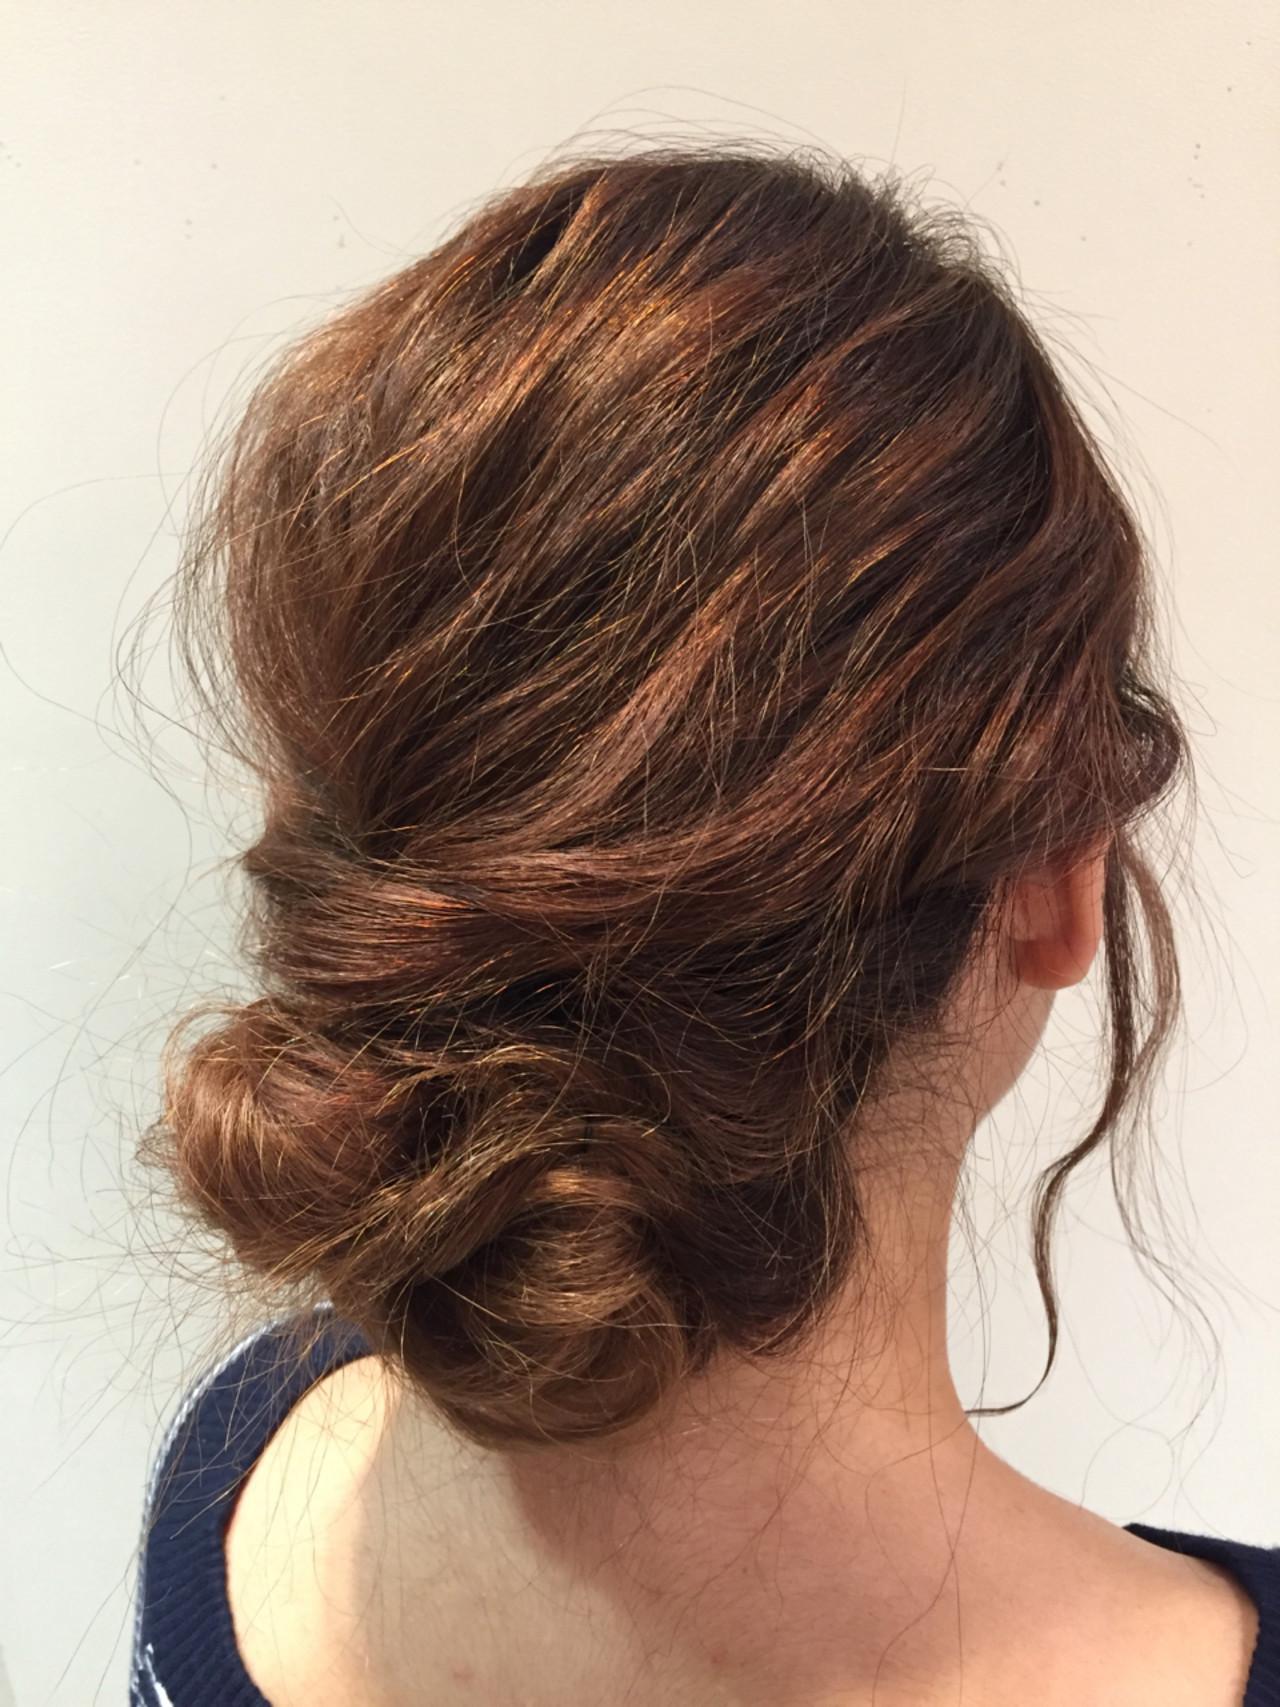 結婚式 エレガント 上品 ロング ヘアスタイルや髪型の写真・画像 | 酒井麻由加 / reginalore